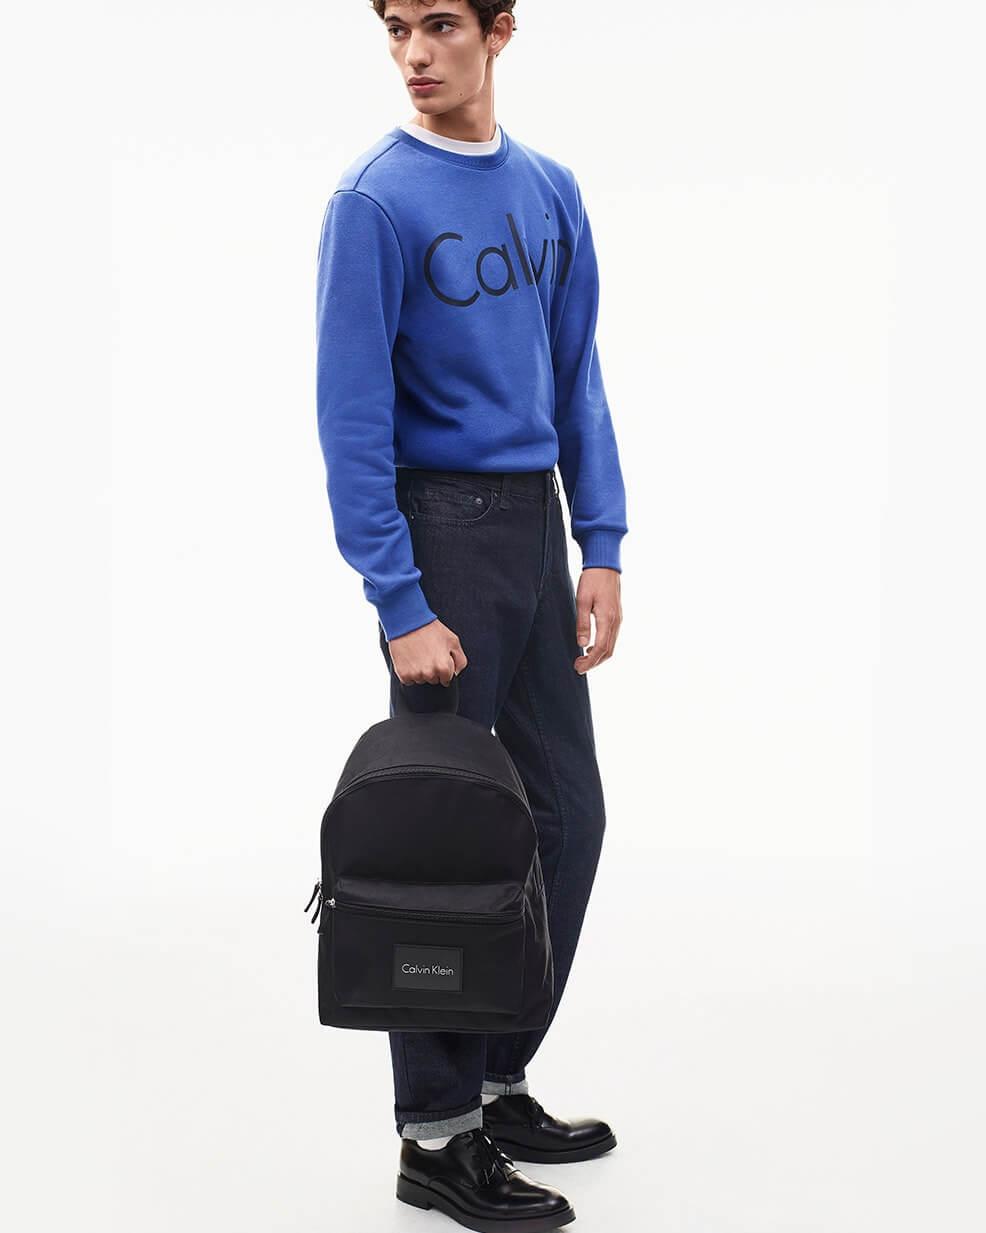 calvin klein sale clothing amp accessories calvin klein